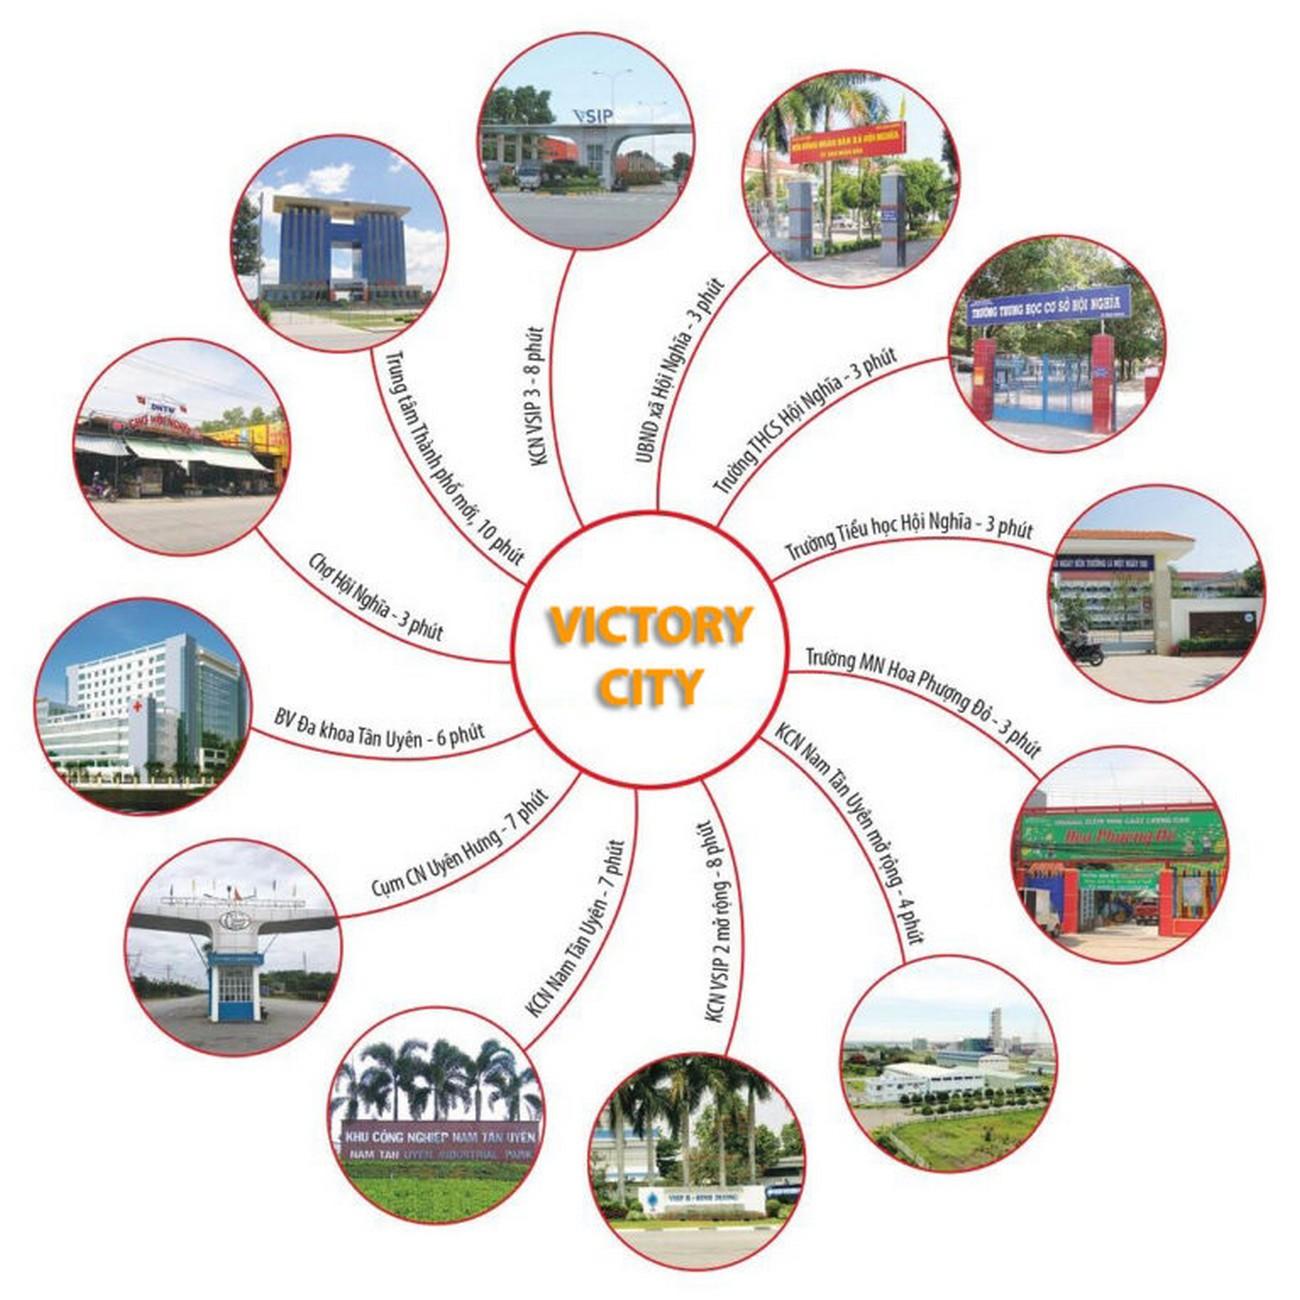 Tiện ích dự án đất nền Victory City Bắc Tân Uyên Đường DT 746 chủ đầu tư Tân Lập